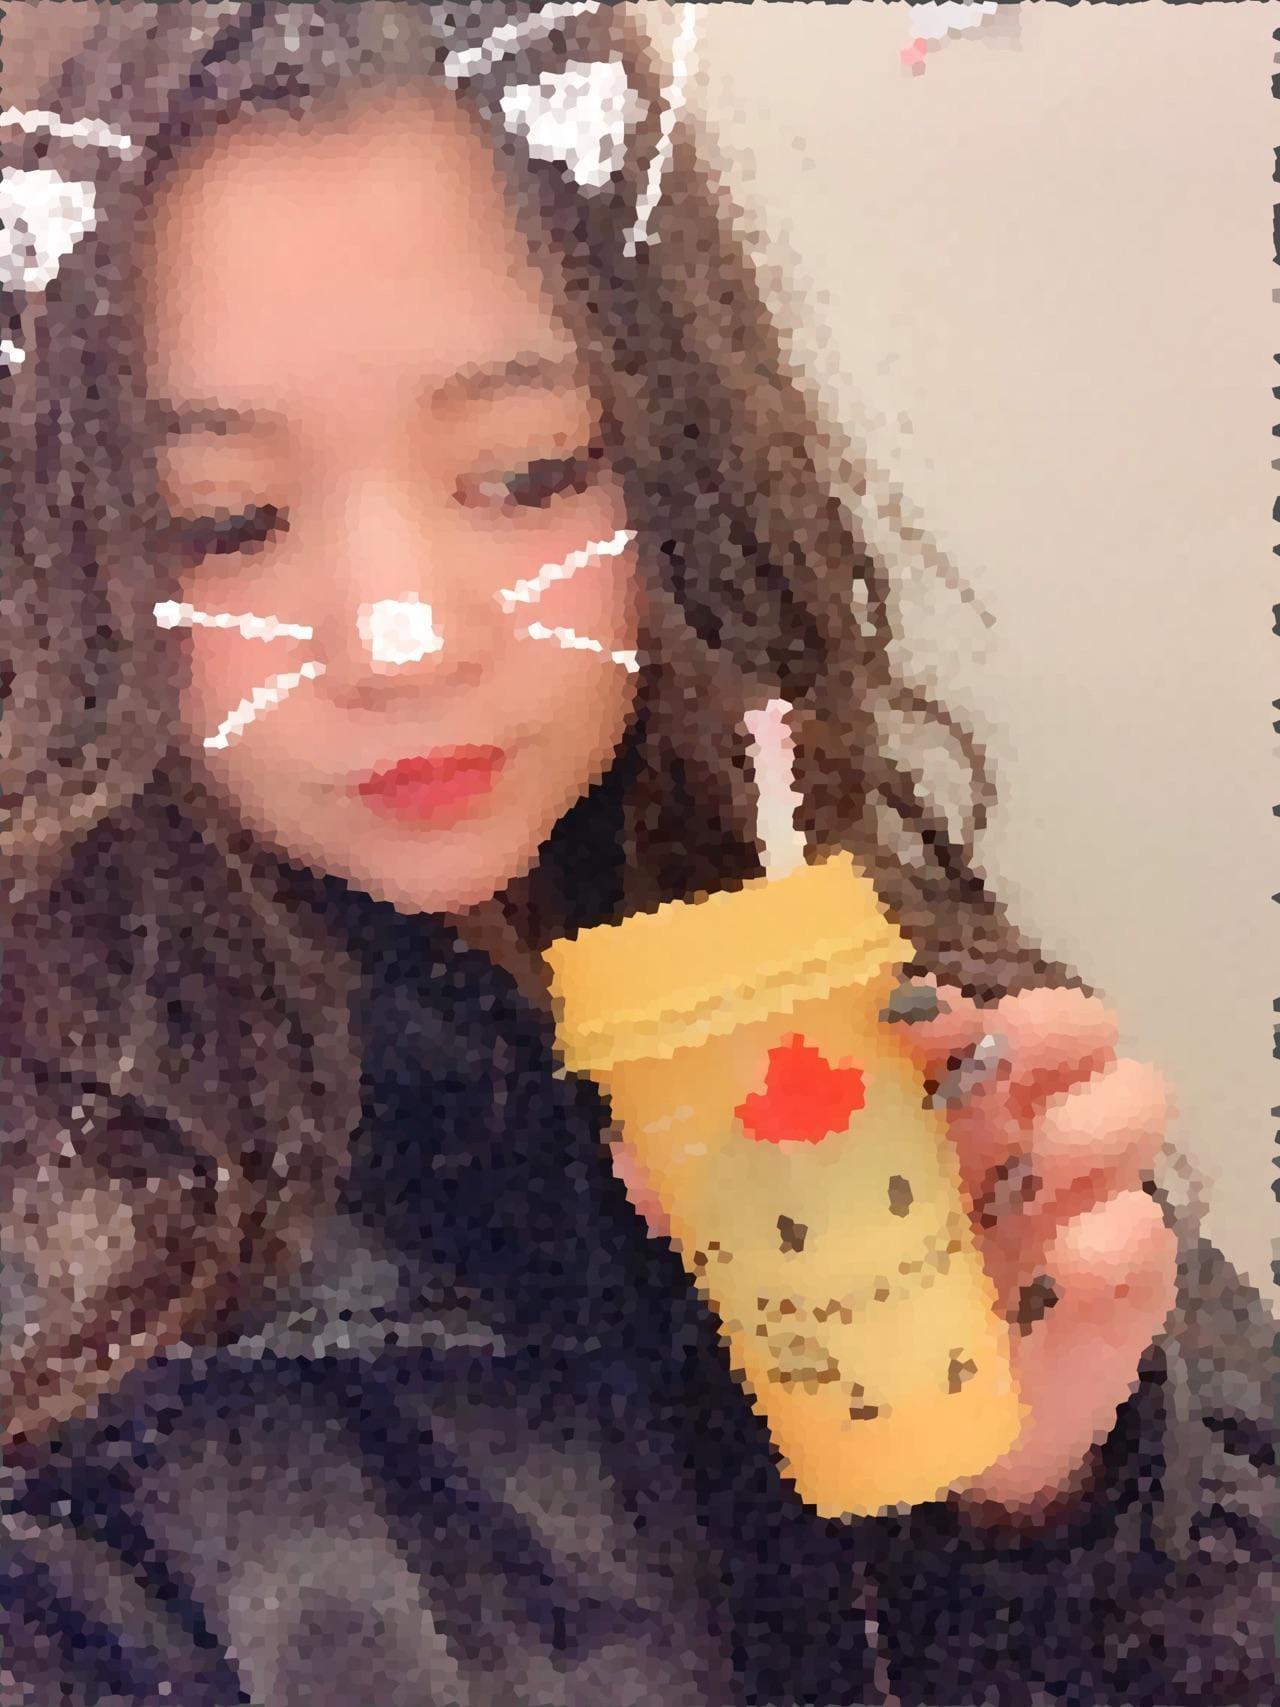 「おはようございます」12/13日(木) 07:22   杏堂みゅうの写メ・風俗動画